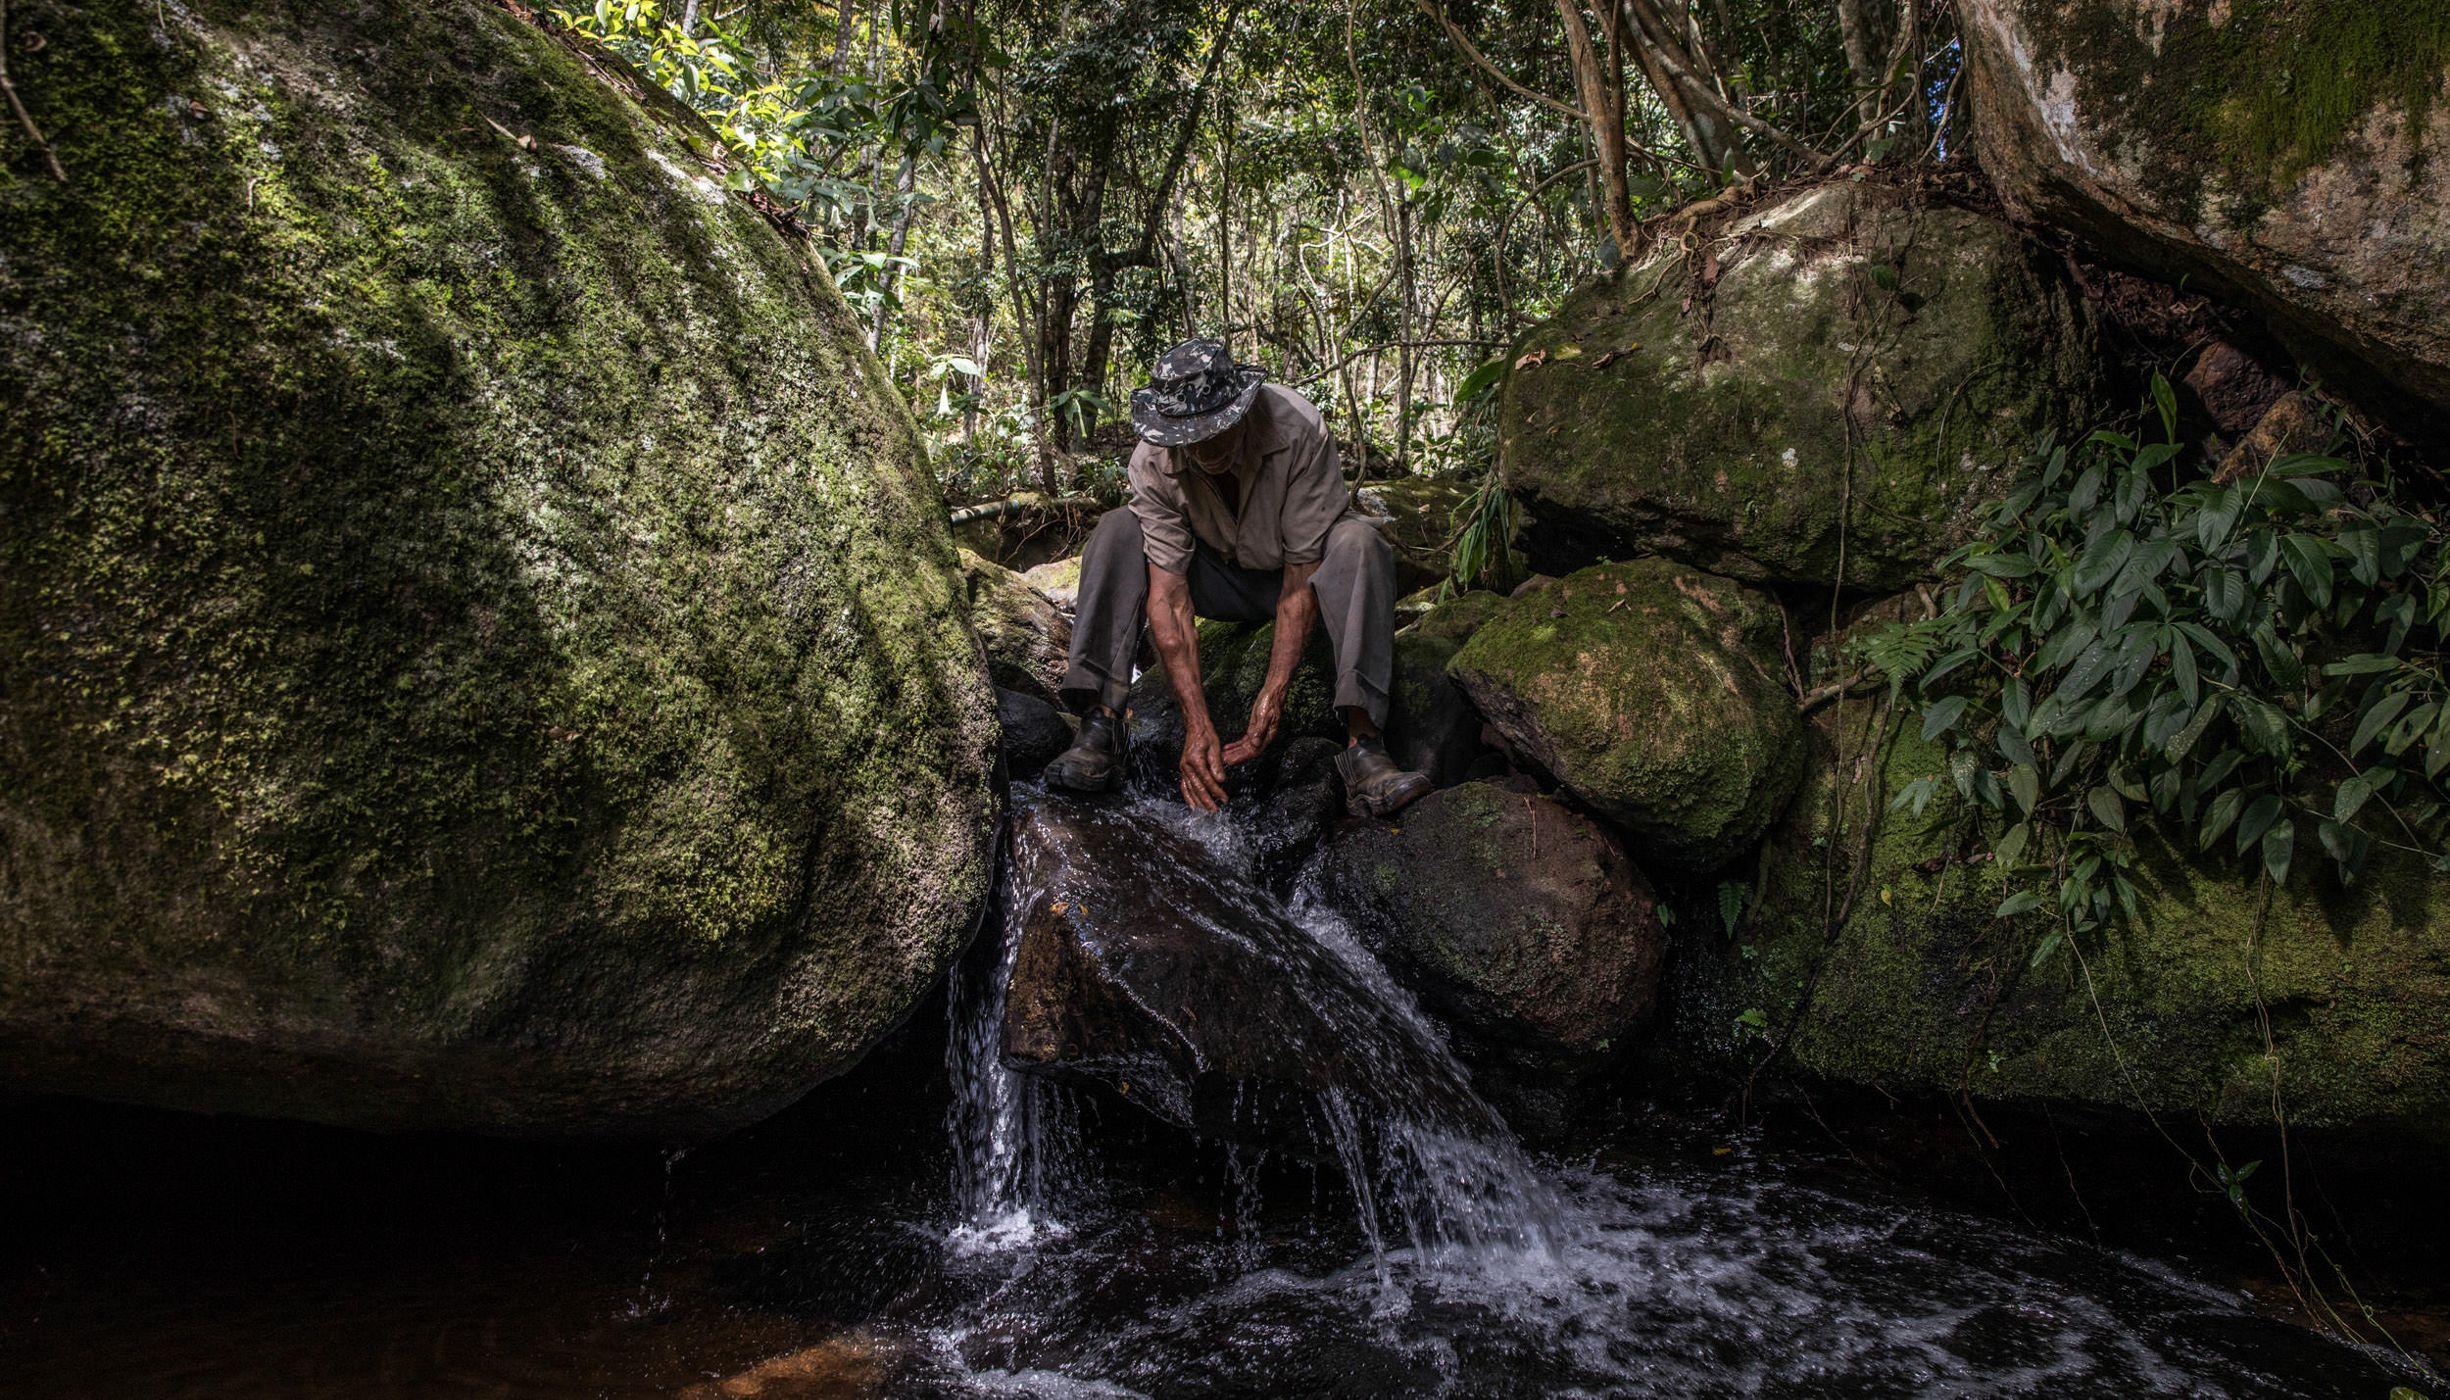 Agricultor lavando as mãos em corrego em sua propriedade